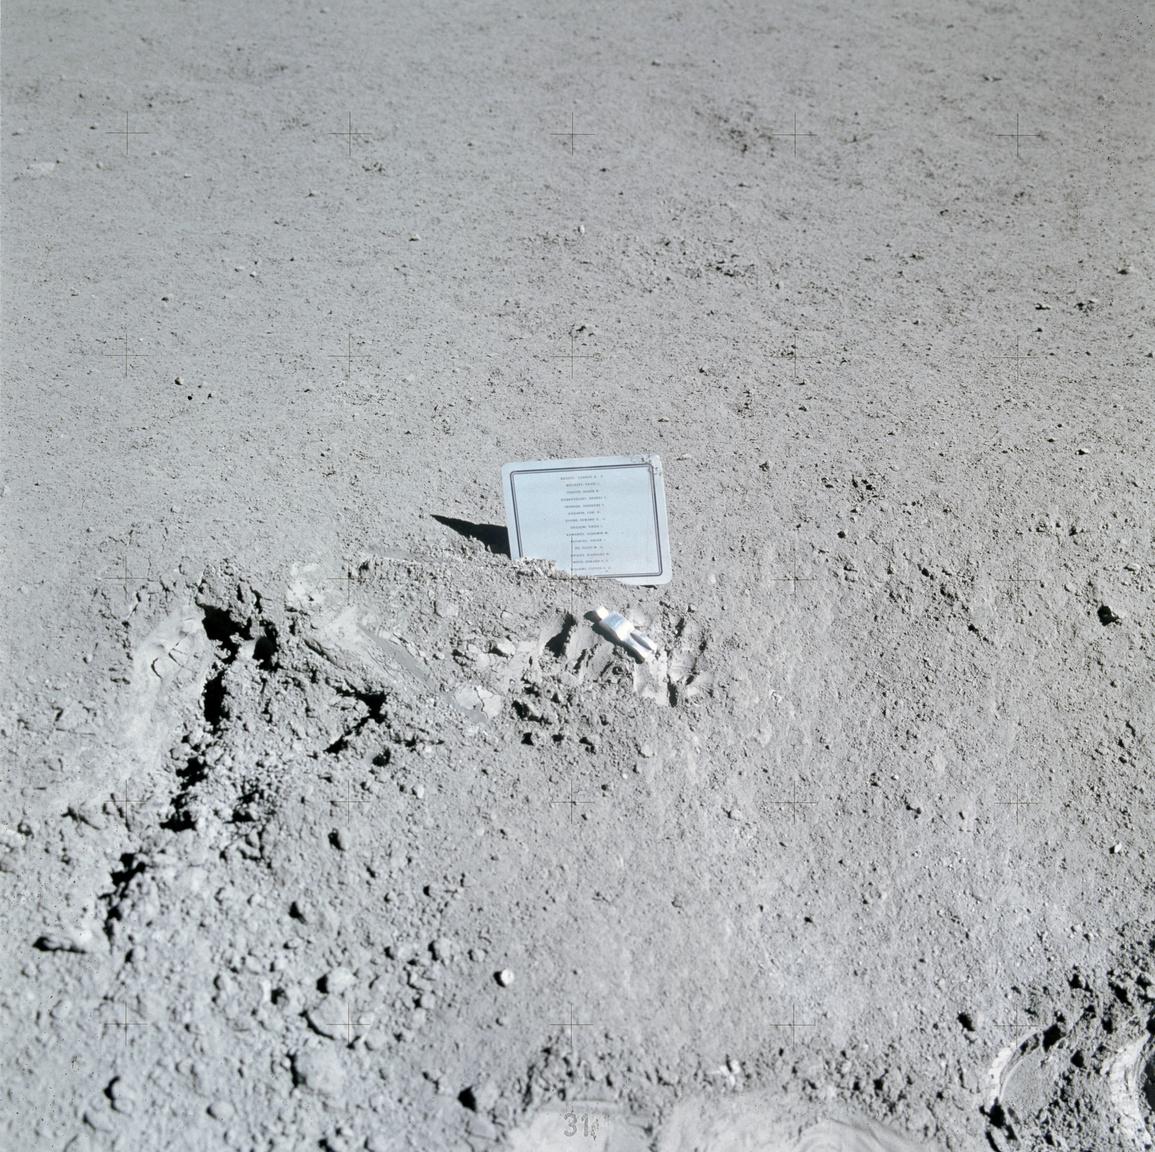 """1971. július 31 - augusztus 2. Az Apollo-15 űrhajósai, David R. Scott és James B. Irwin helyezték el a Holdon ezt az emlékplakettet, amint 14 hősi halált halt amerikai és szovjet űrhajós neve szerepel. A plakett mellett az """"Elesett űrhajós"""" szobrocskája fekszik, többek között Komarovnak is emléket állítva. (Komarovról egy krátert is elneveztek a Holdon.)"""